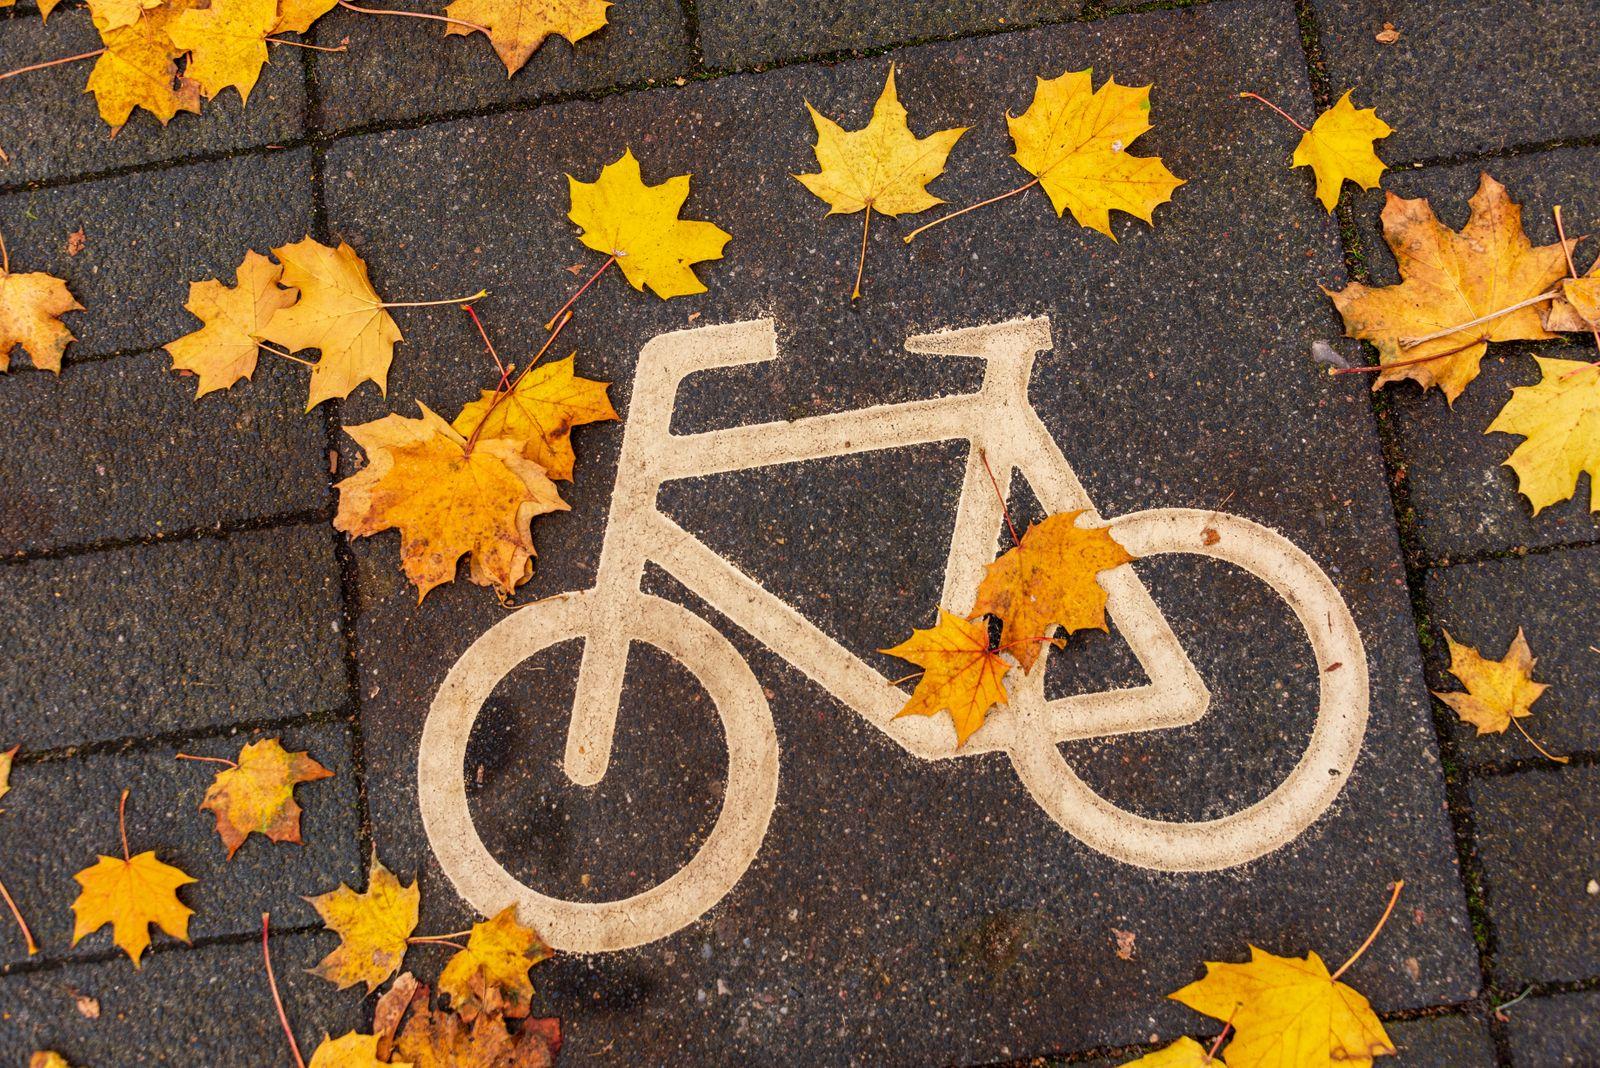 Kiel, 24. Oktober 2020 Kürzlich wurde Kiel von 10 norddeutschen Städten zur fahrradfreundlichsten Stadt gewählt. Um weit